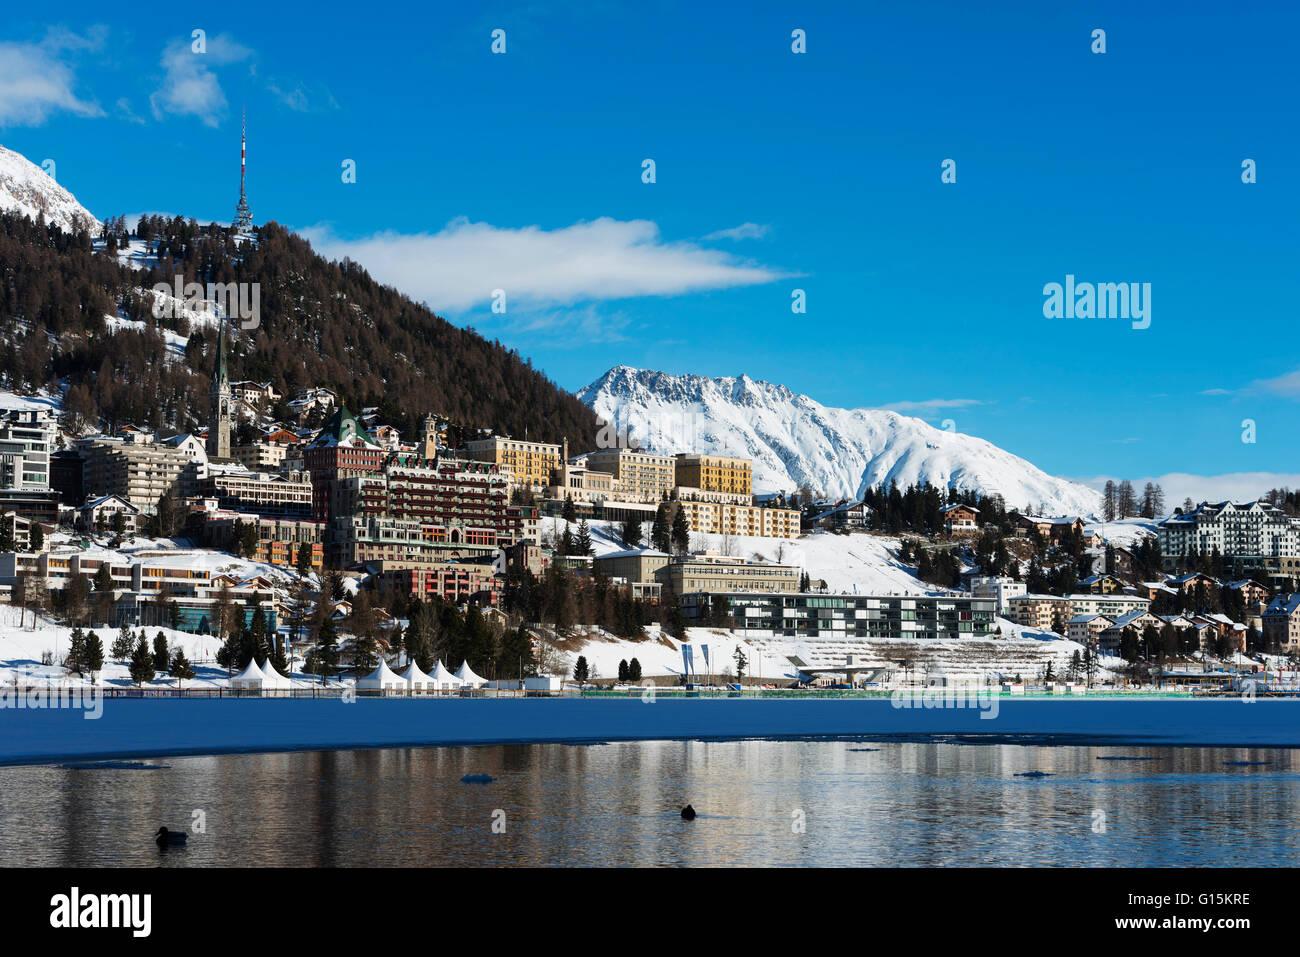 Lakeside, Saint-moritz en hiver, Engadine, Grisons, Suisse, Europe Photo Stock